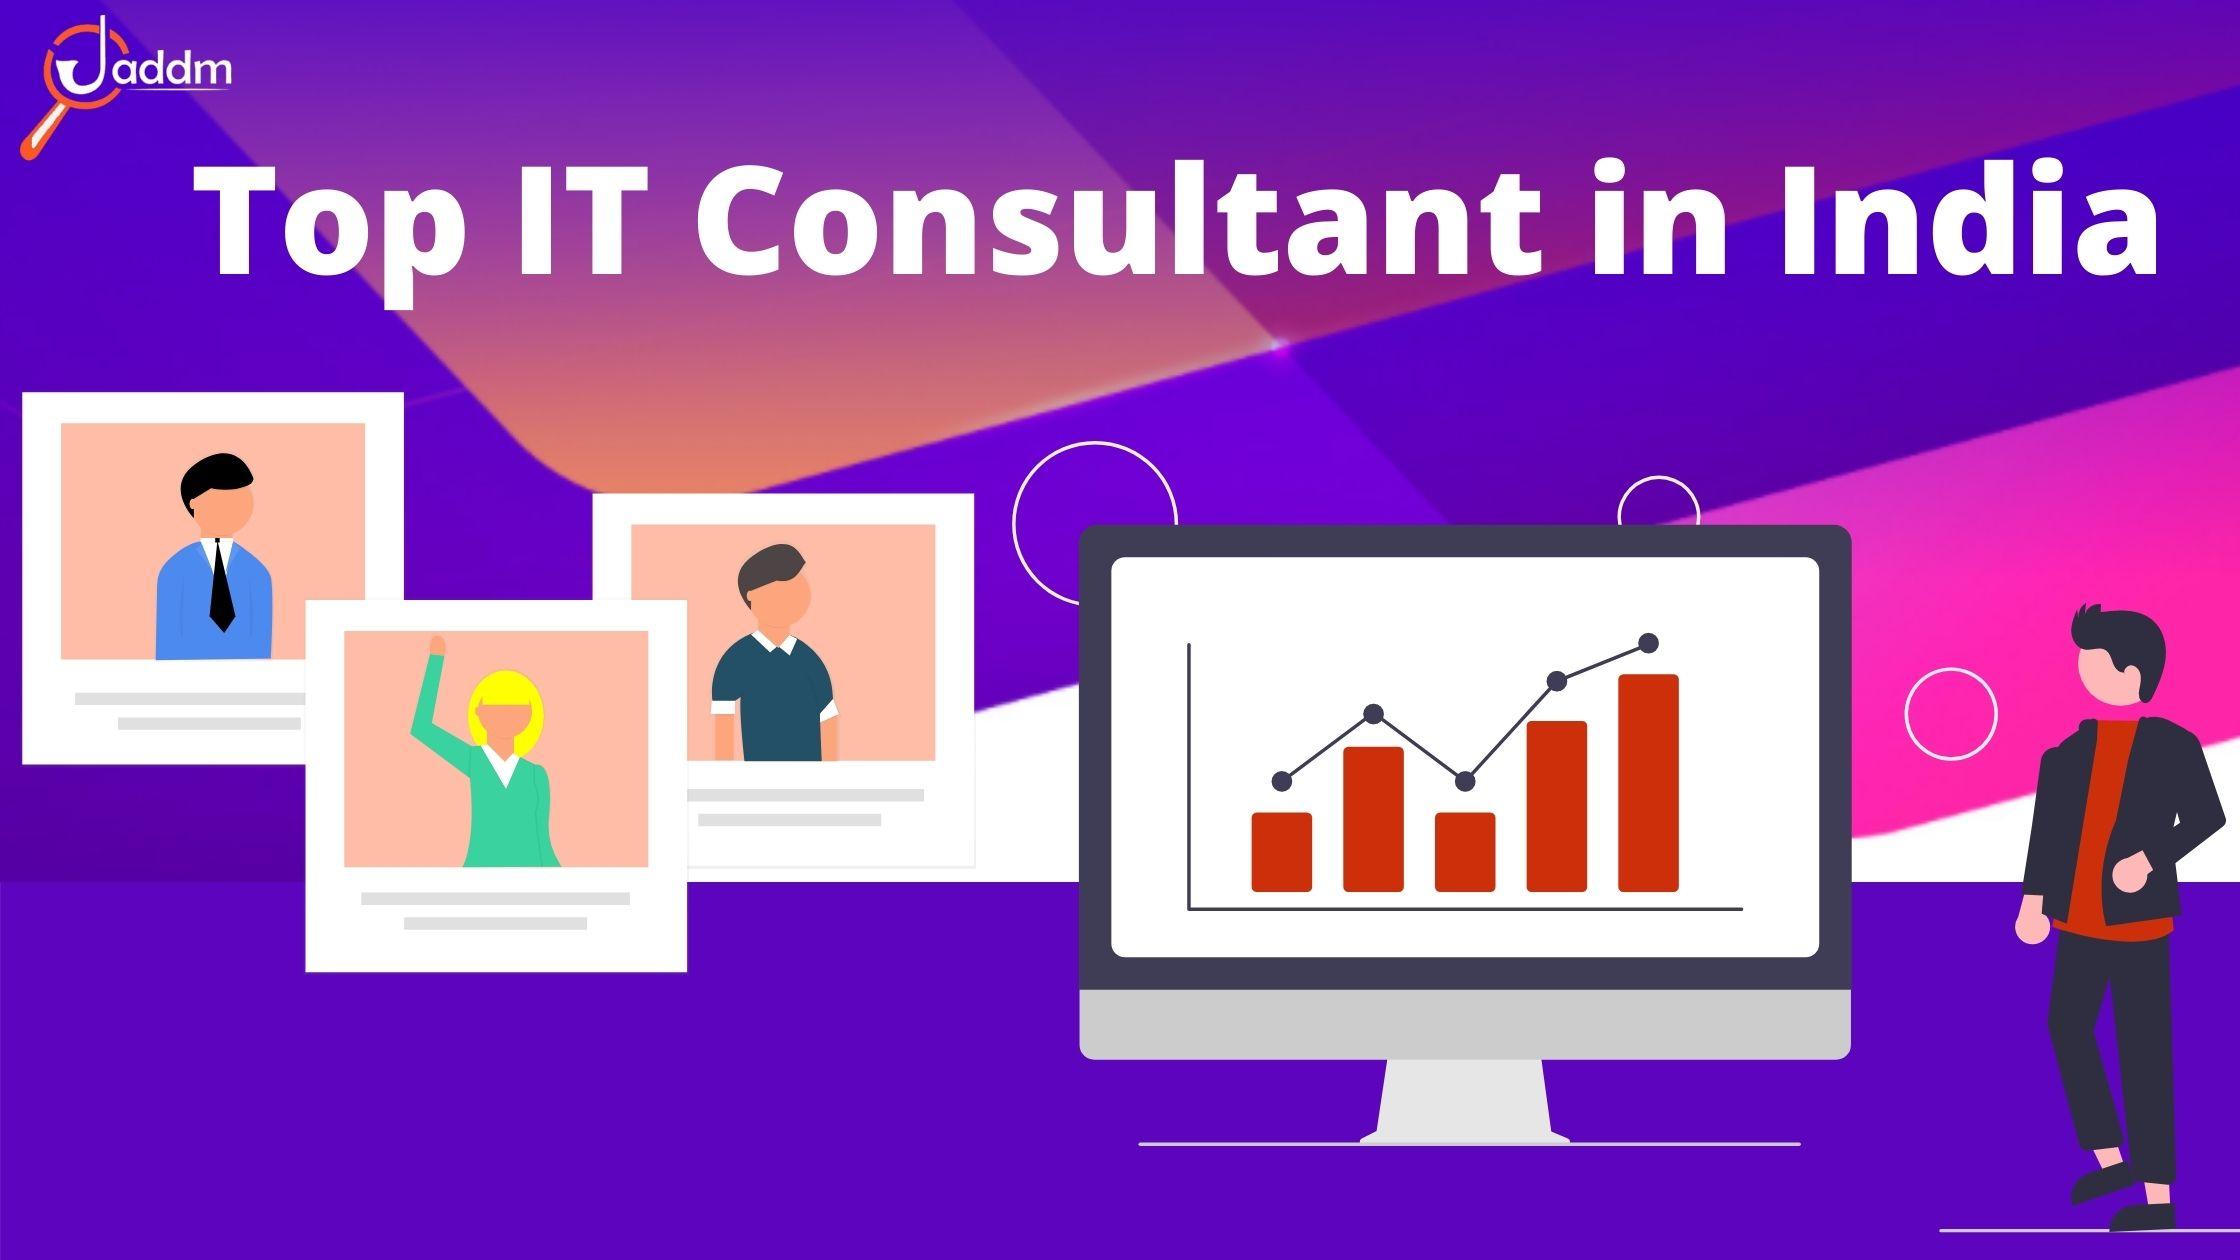 Jaddm: Top IT Consultant in India